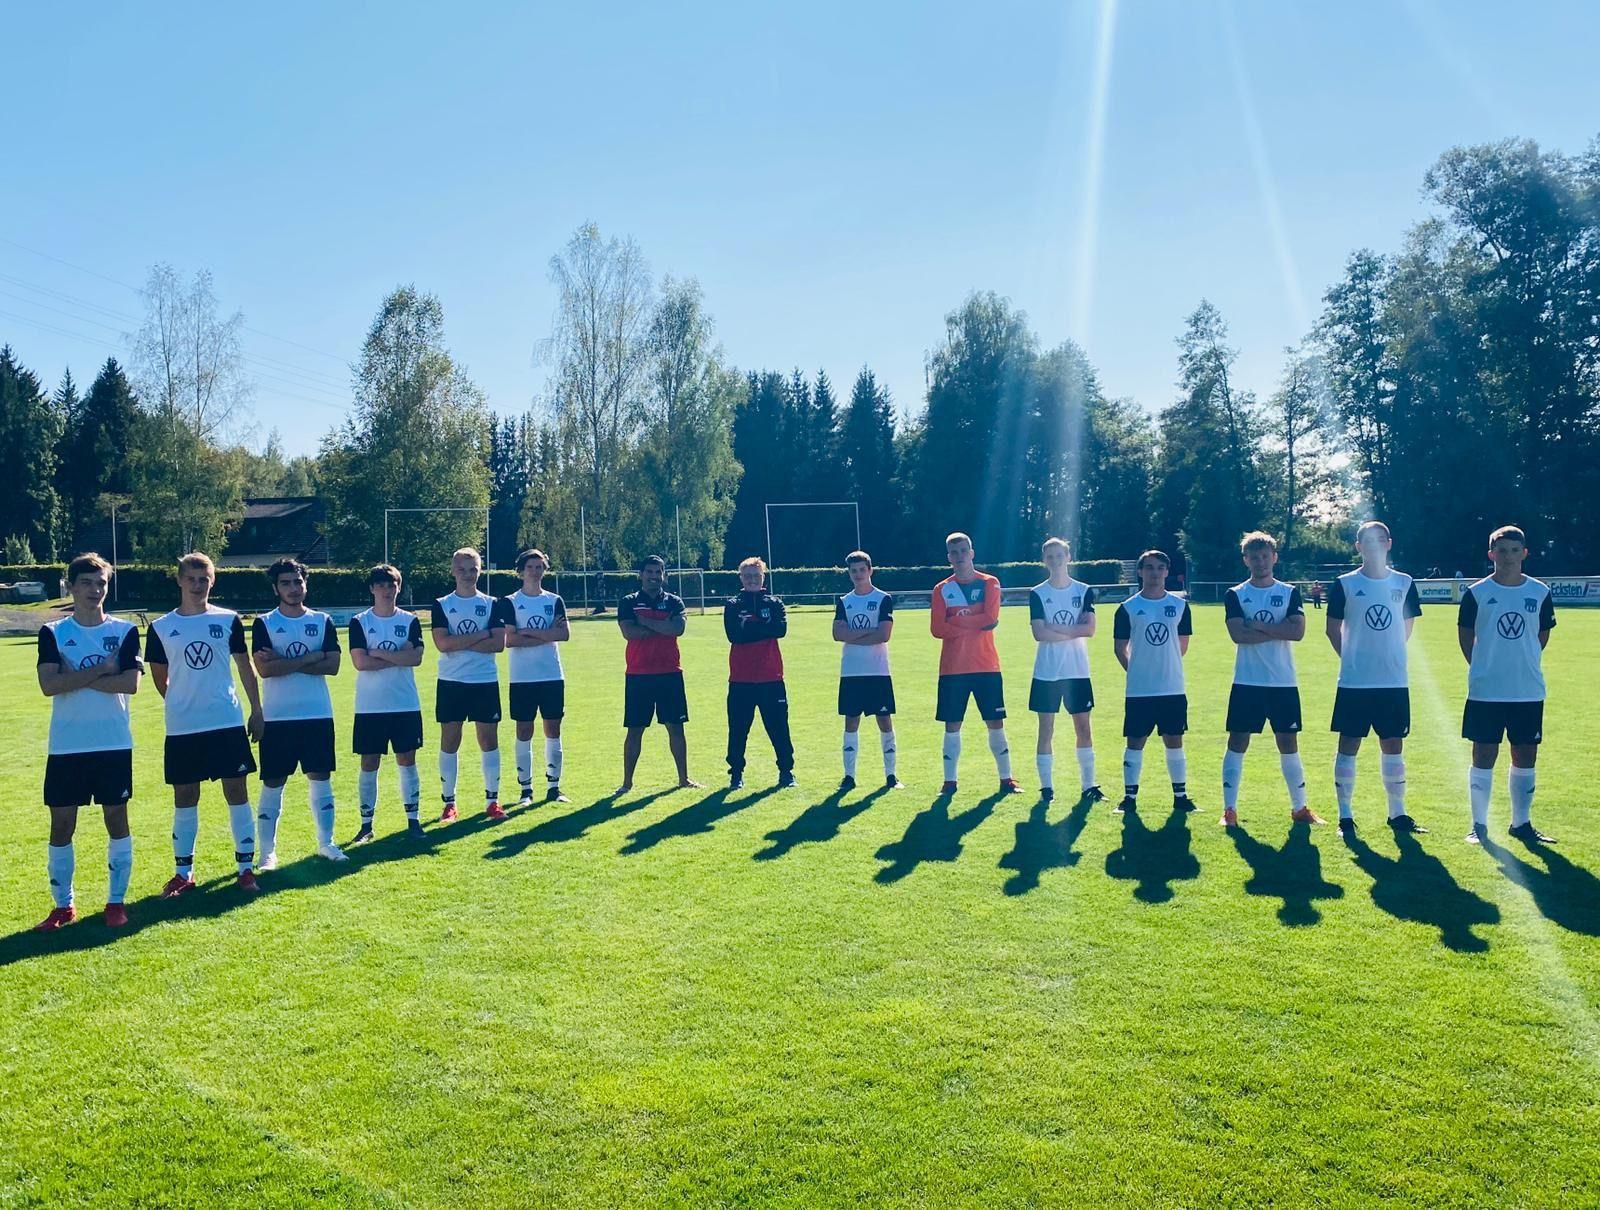 A-Junioren U19 Kreisliga 2020/21 - U19Junioren